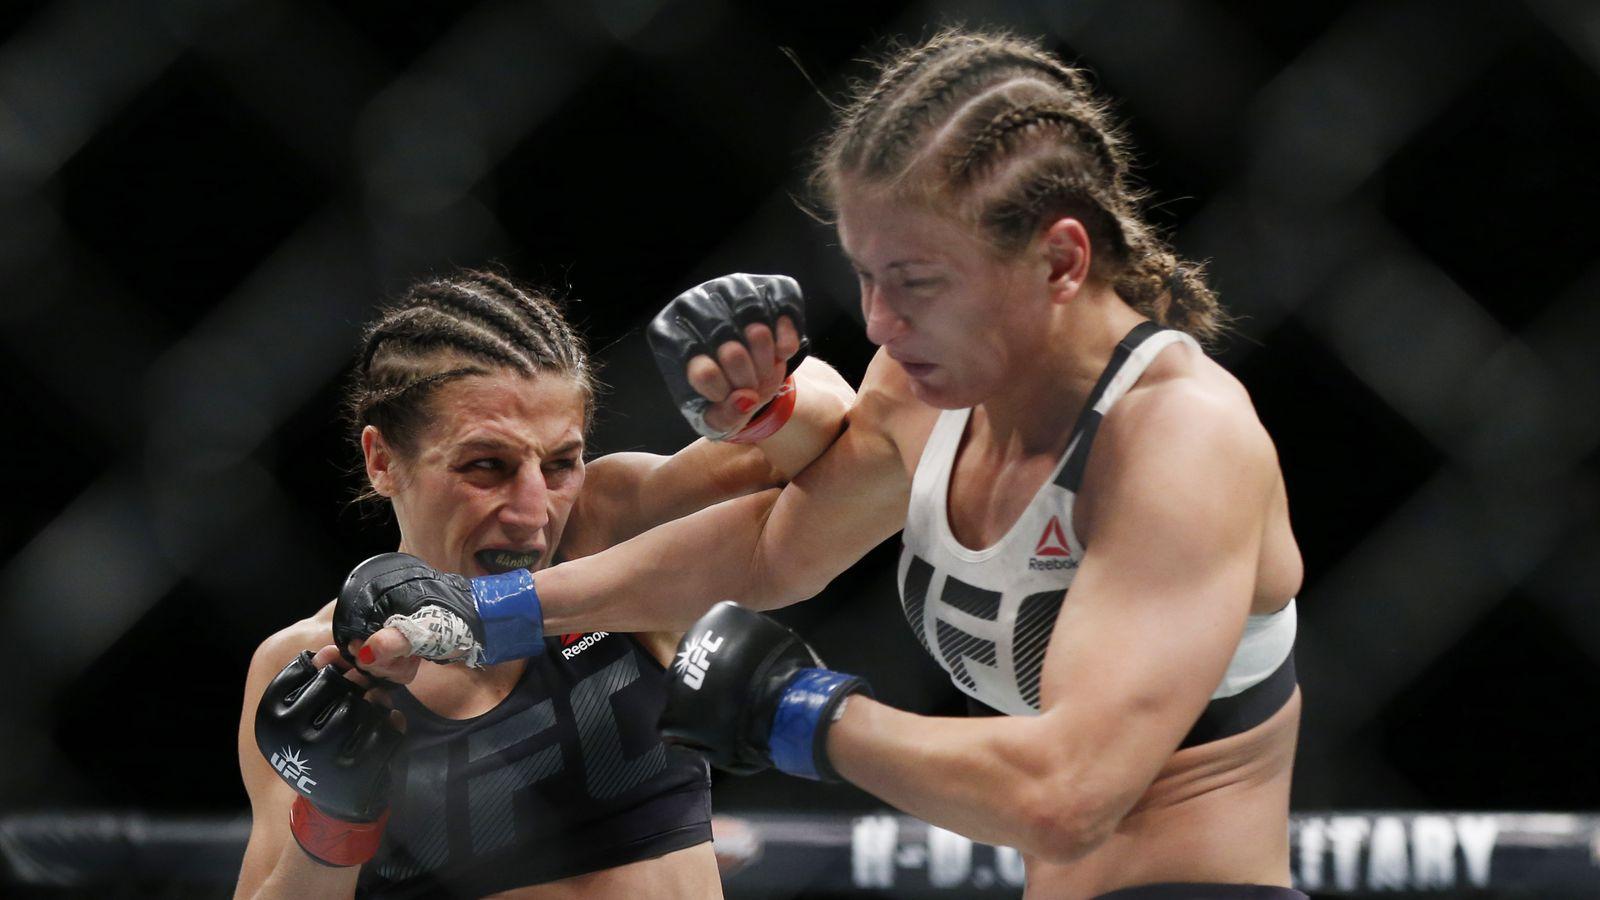 Joanna Jedrzejczyk vs. Karolina Kowalkiewicz full fight ...